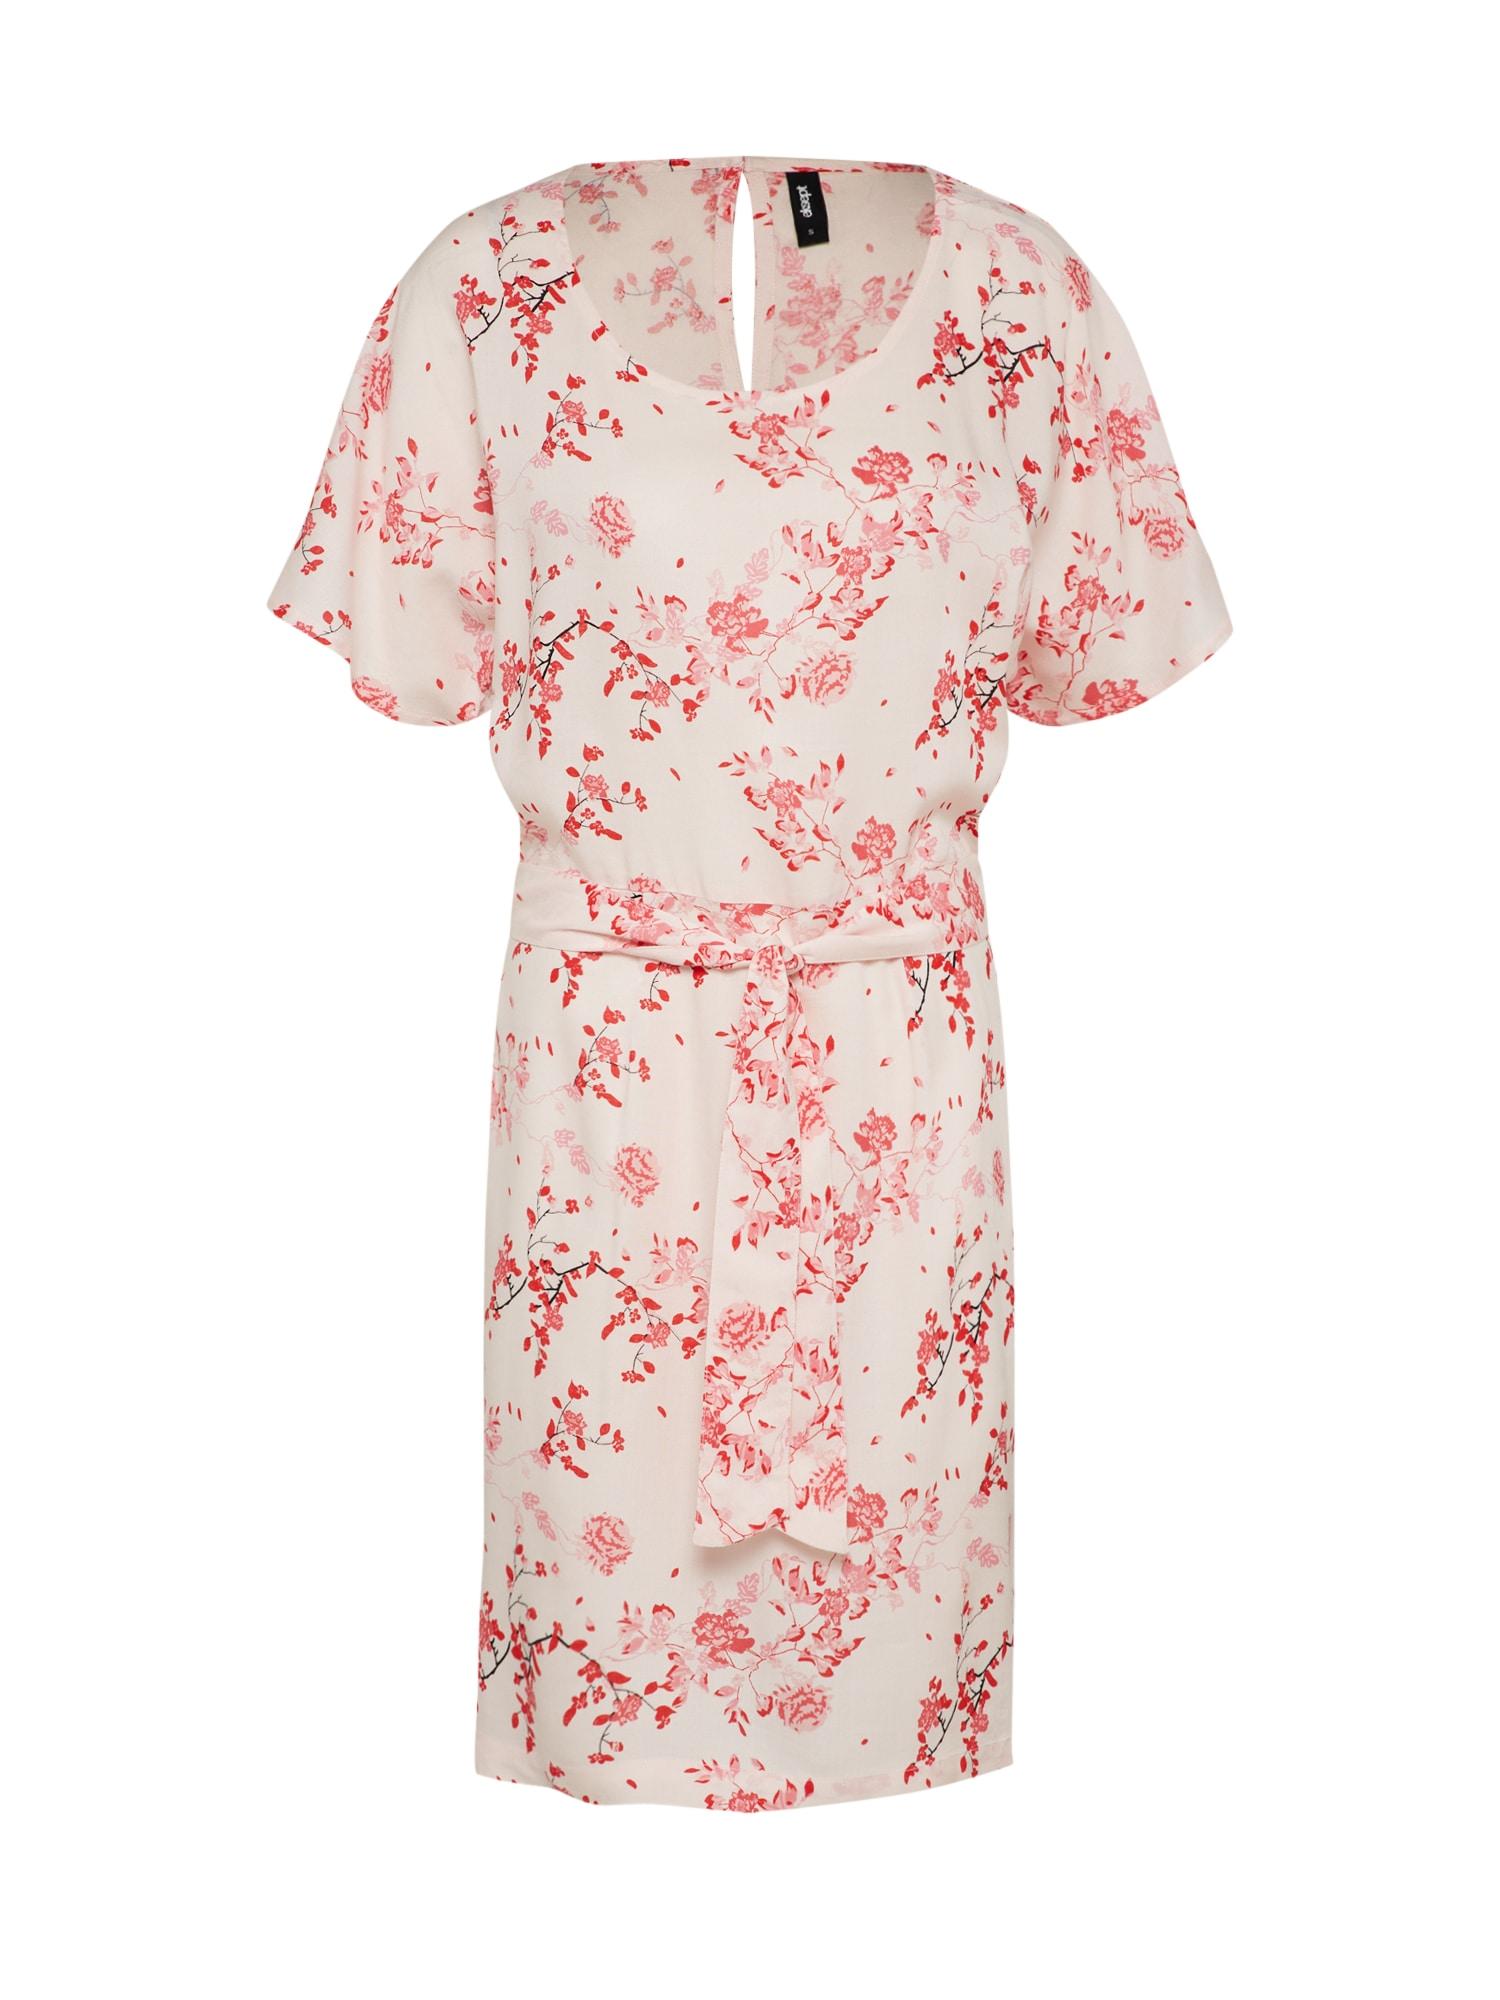 Letní šaty BUTTERFLY pink bílá Eksept